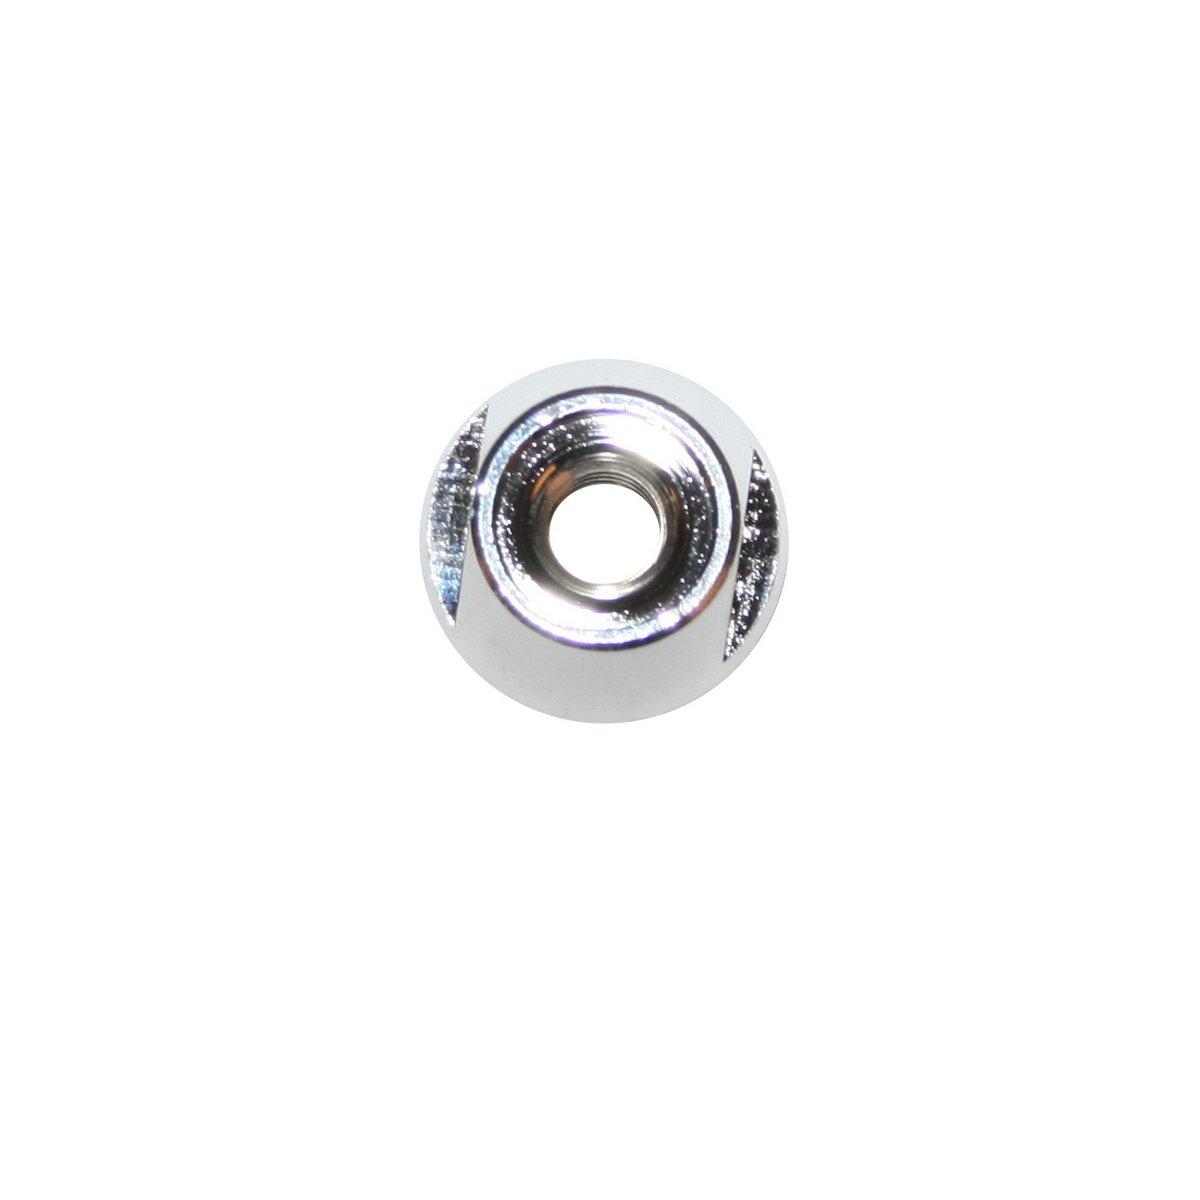 Omix-Ada 18607.05 Transfer Case Shift Knob Locknut